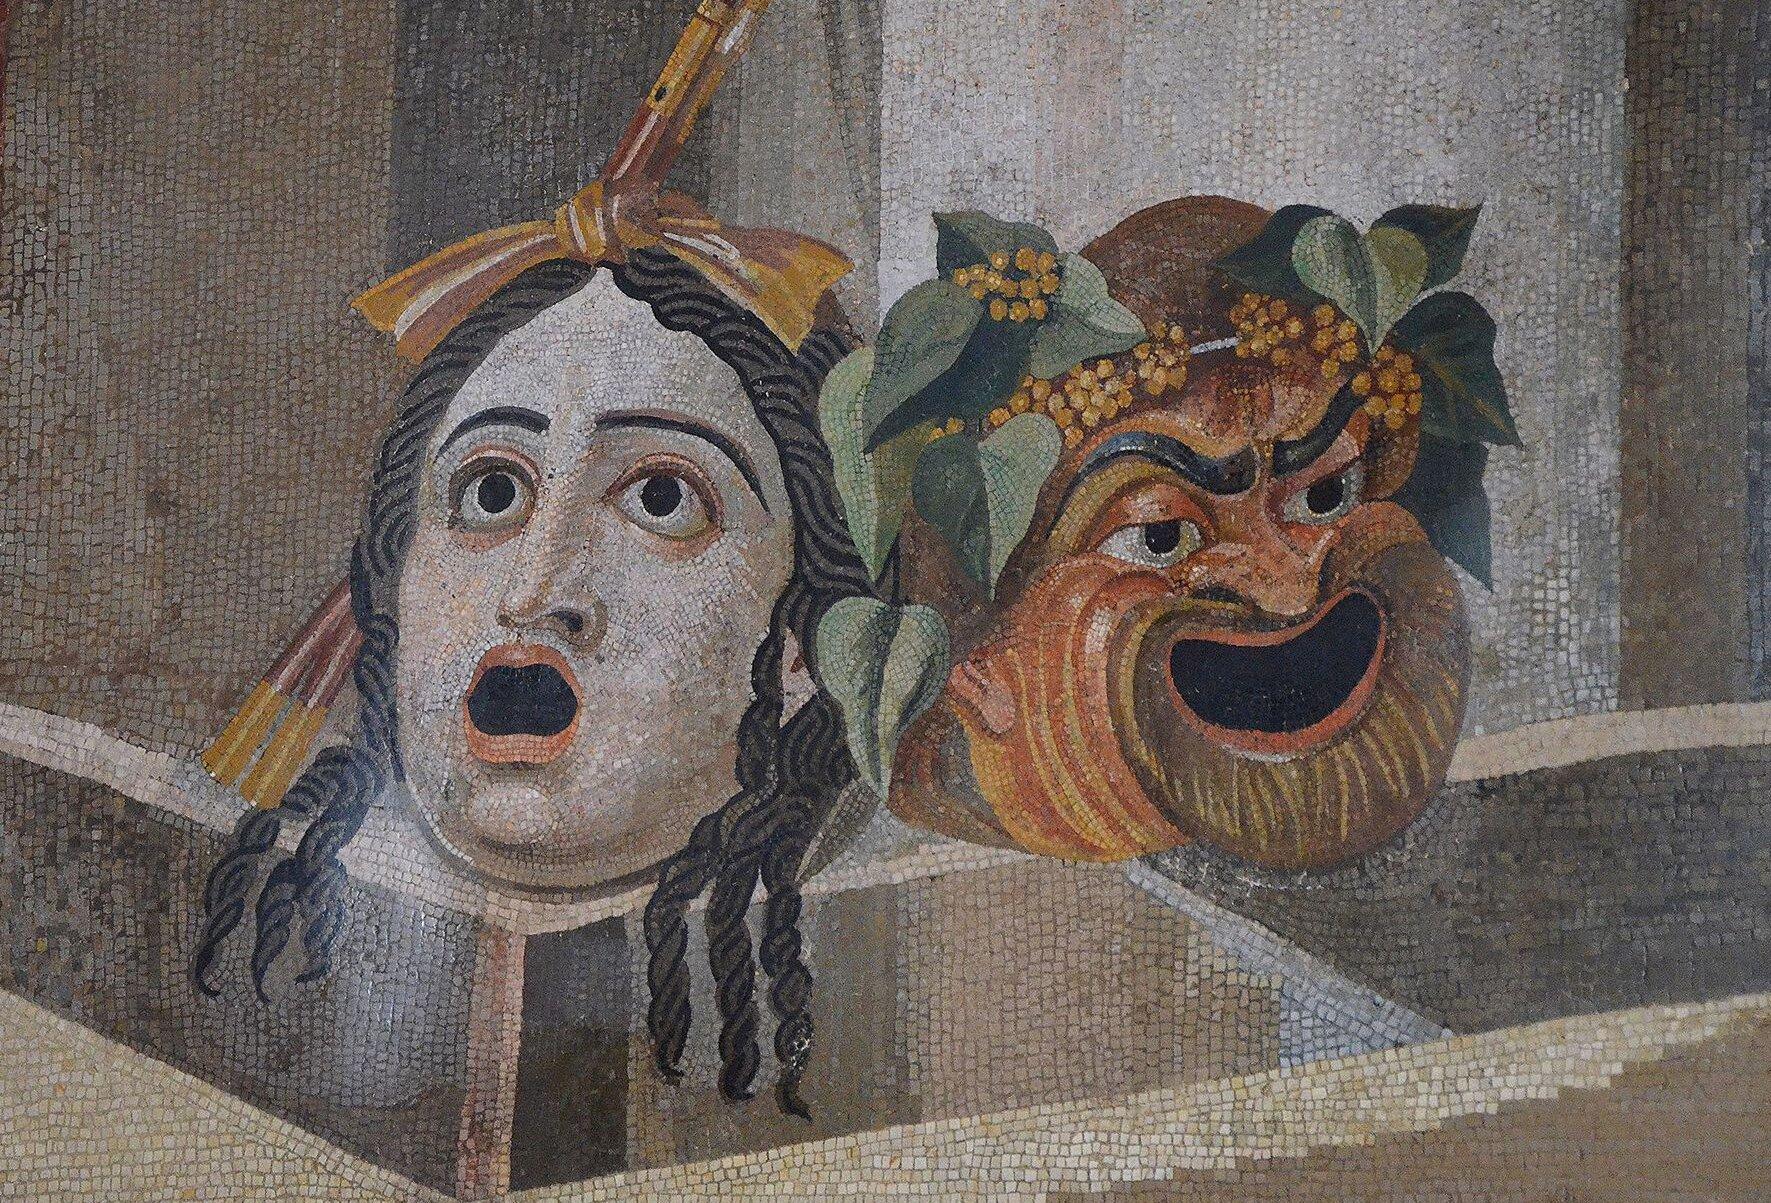 Starożytna mozaika przedstawiająca maski teatralne: Tragedii iKomedii Starożytna mozaika przedstawiająca maski teatralne: Tragedii iKomedii Źródło: Carole Raddato, II w. n.e., Muzea Watykańskie, licencja: CC BY-SA 2.0.